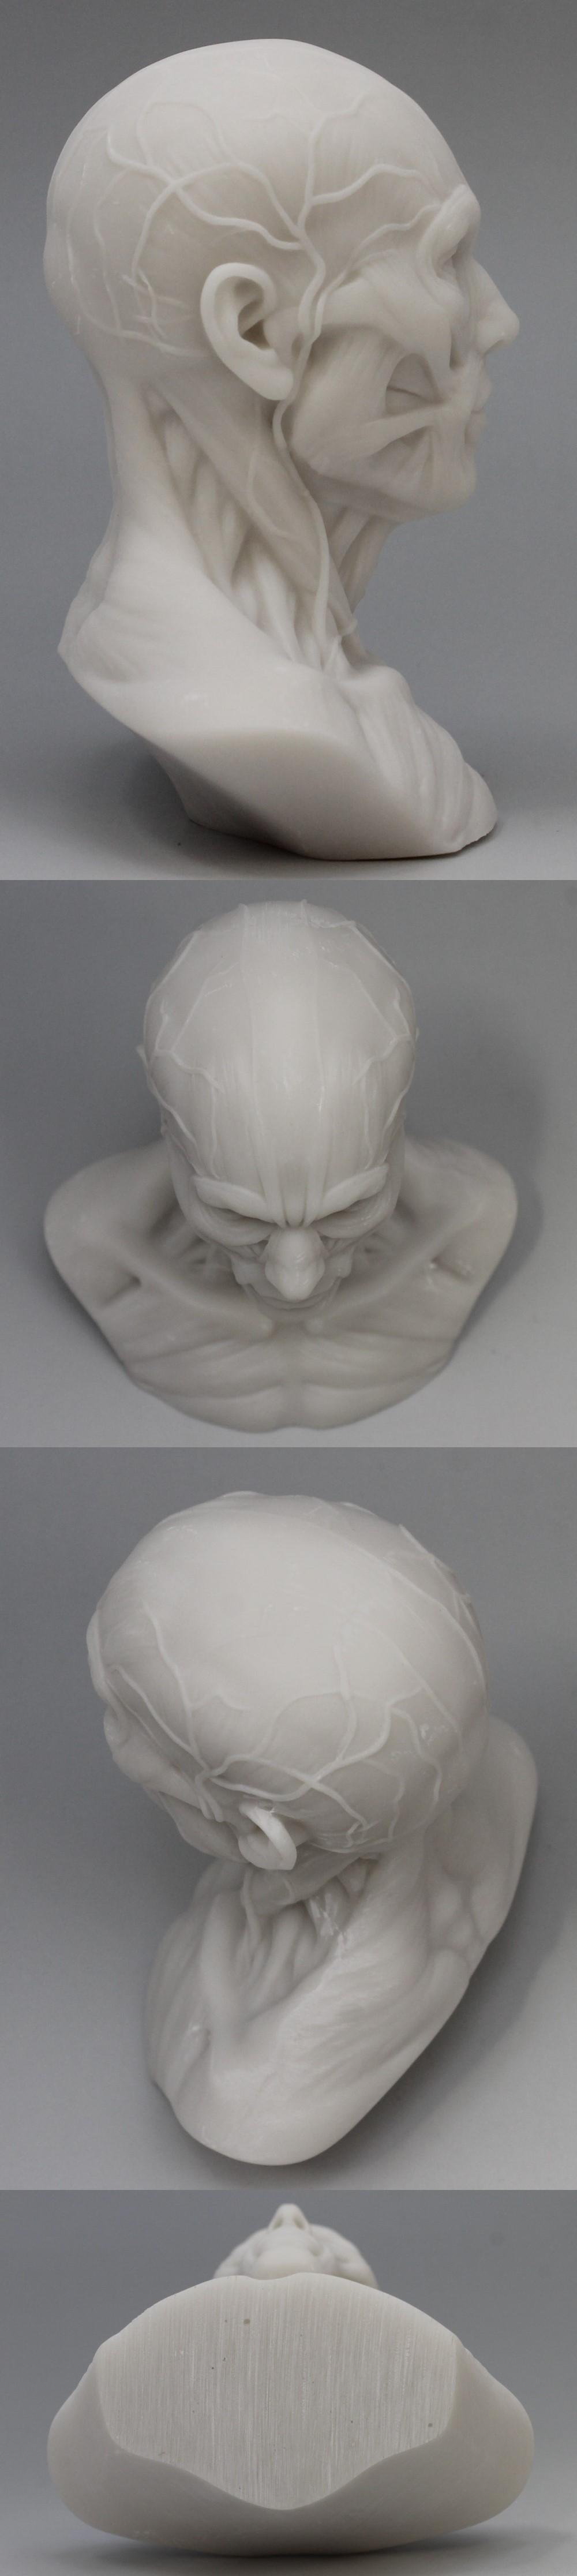 009人体模型2